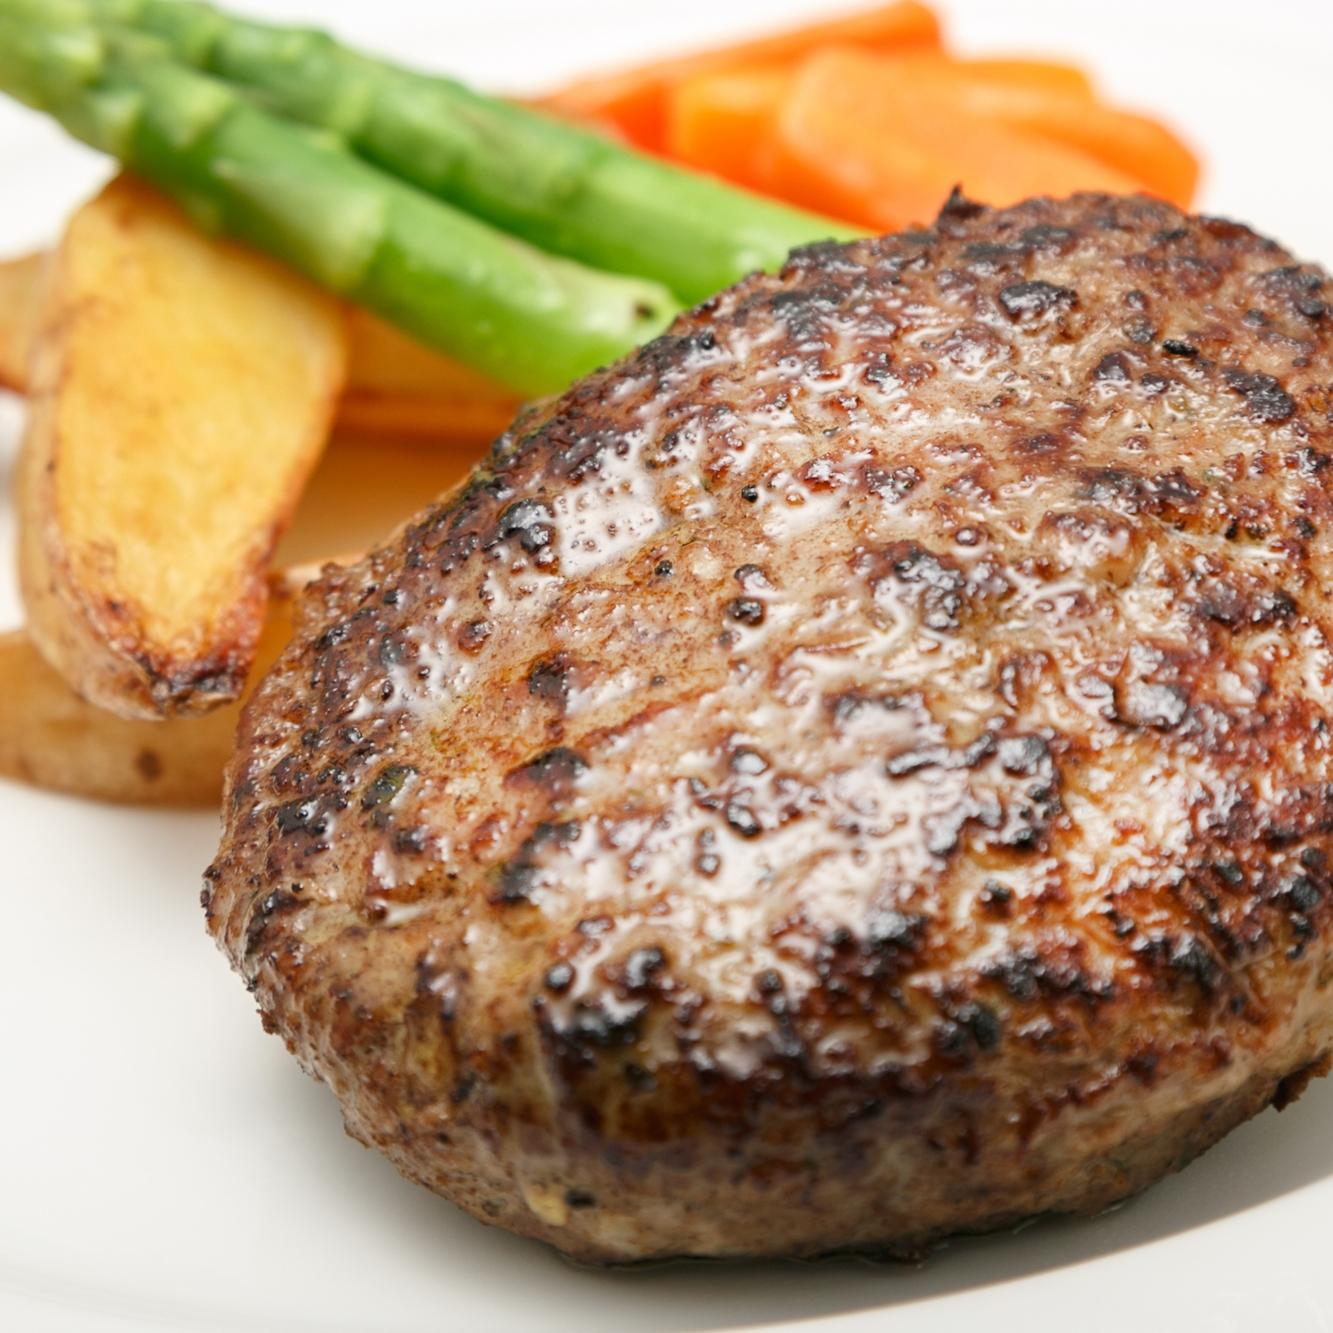 ラ・ベットラ・ダ・オチアイ 落合務監修 香味野菜と牛肉のハンバーグ4個